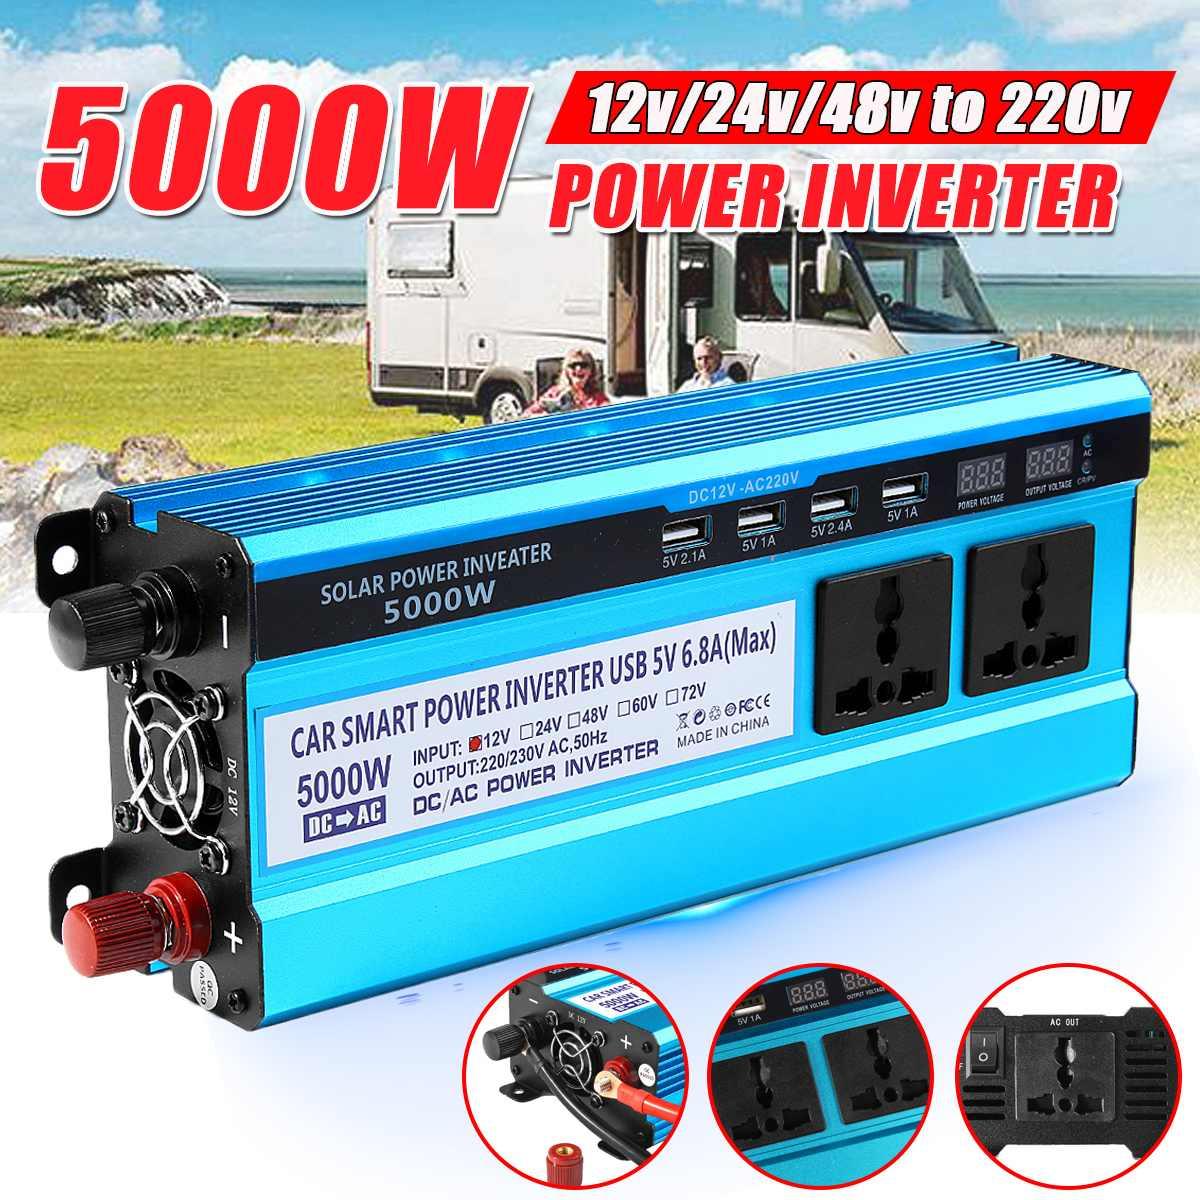 Onduleur solaire DC 12V 24V 48V à AC 220V 3000W 4000W 5000W convertisseur de transformateur de tension inverseur 4 USB affichage de LED pour la maison de voiture